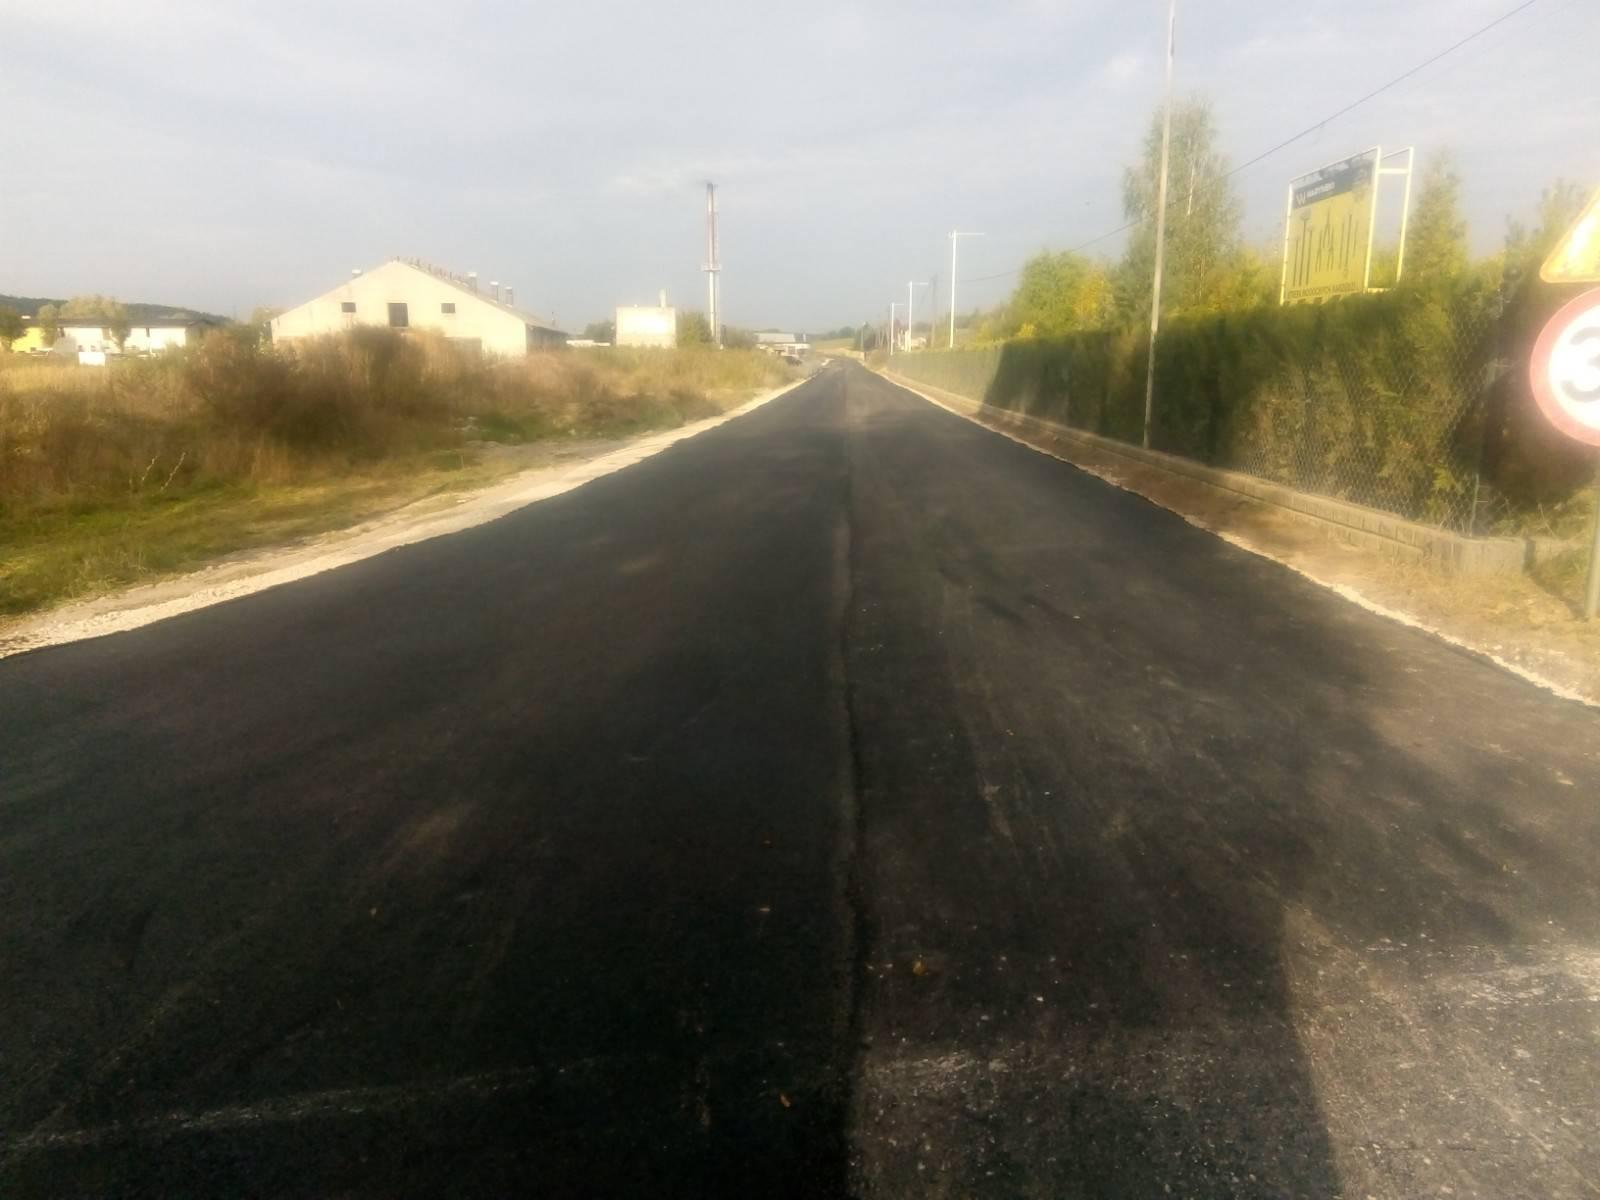 Nowa droga nator motocrossowy wWięcborku wybudowana, ajuż w2022 r. powstanie nowy chodnik zoświetleniem ulicznym dokońca ulicy Powstańców Wielkopolskich wWięcborku